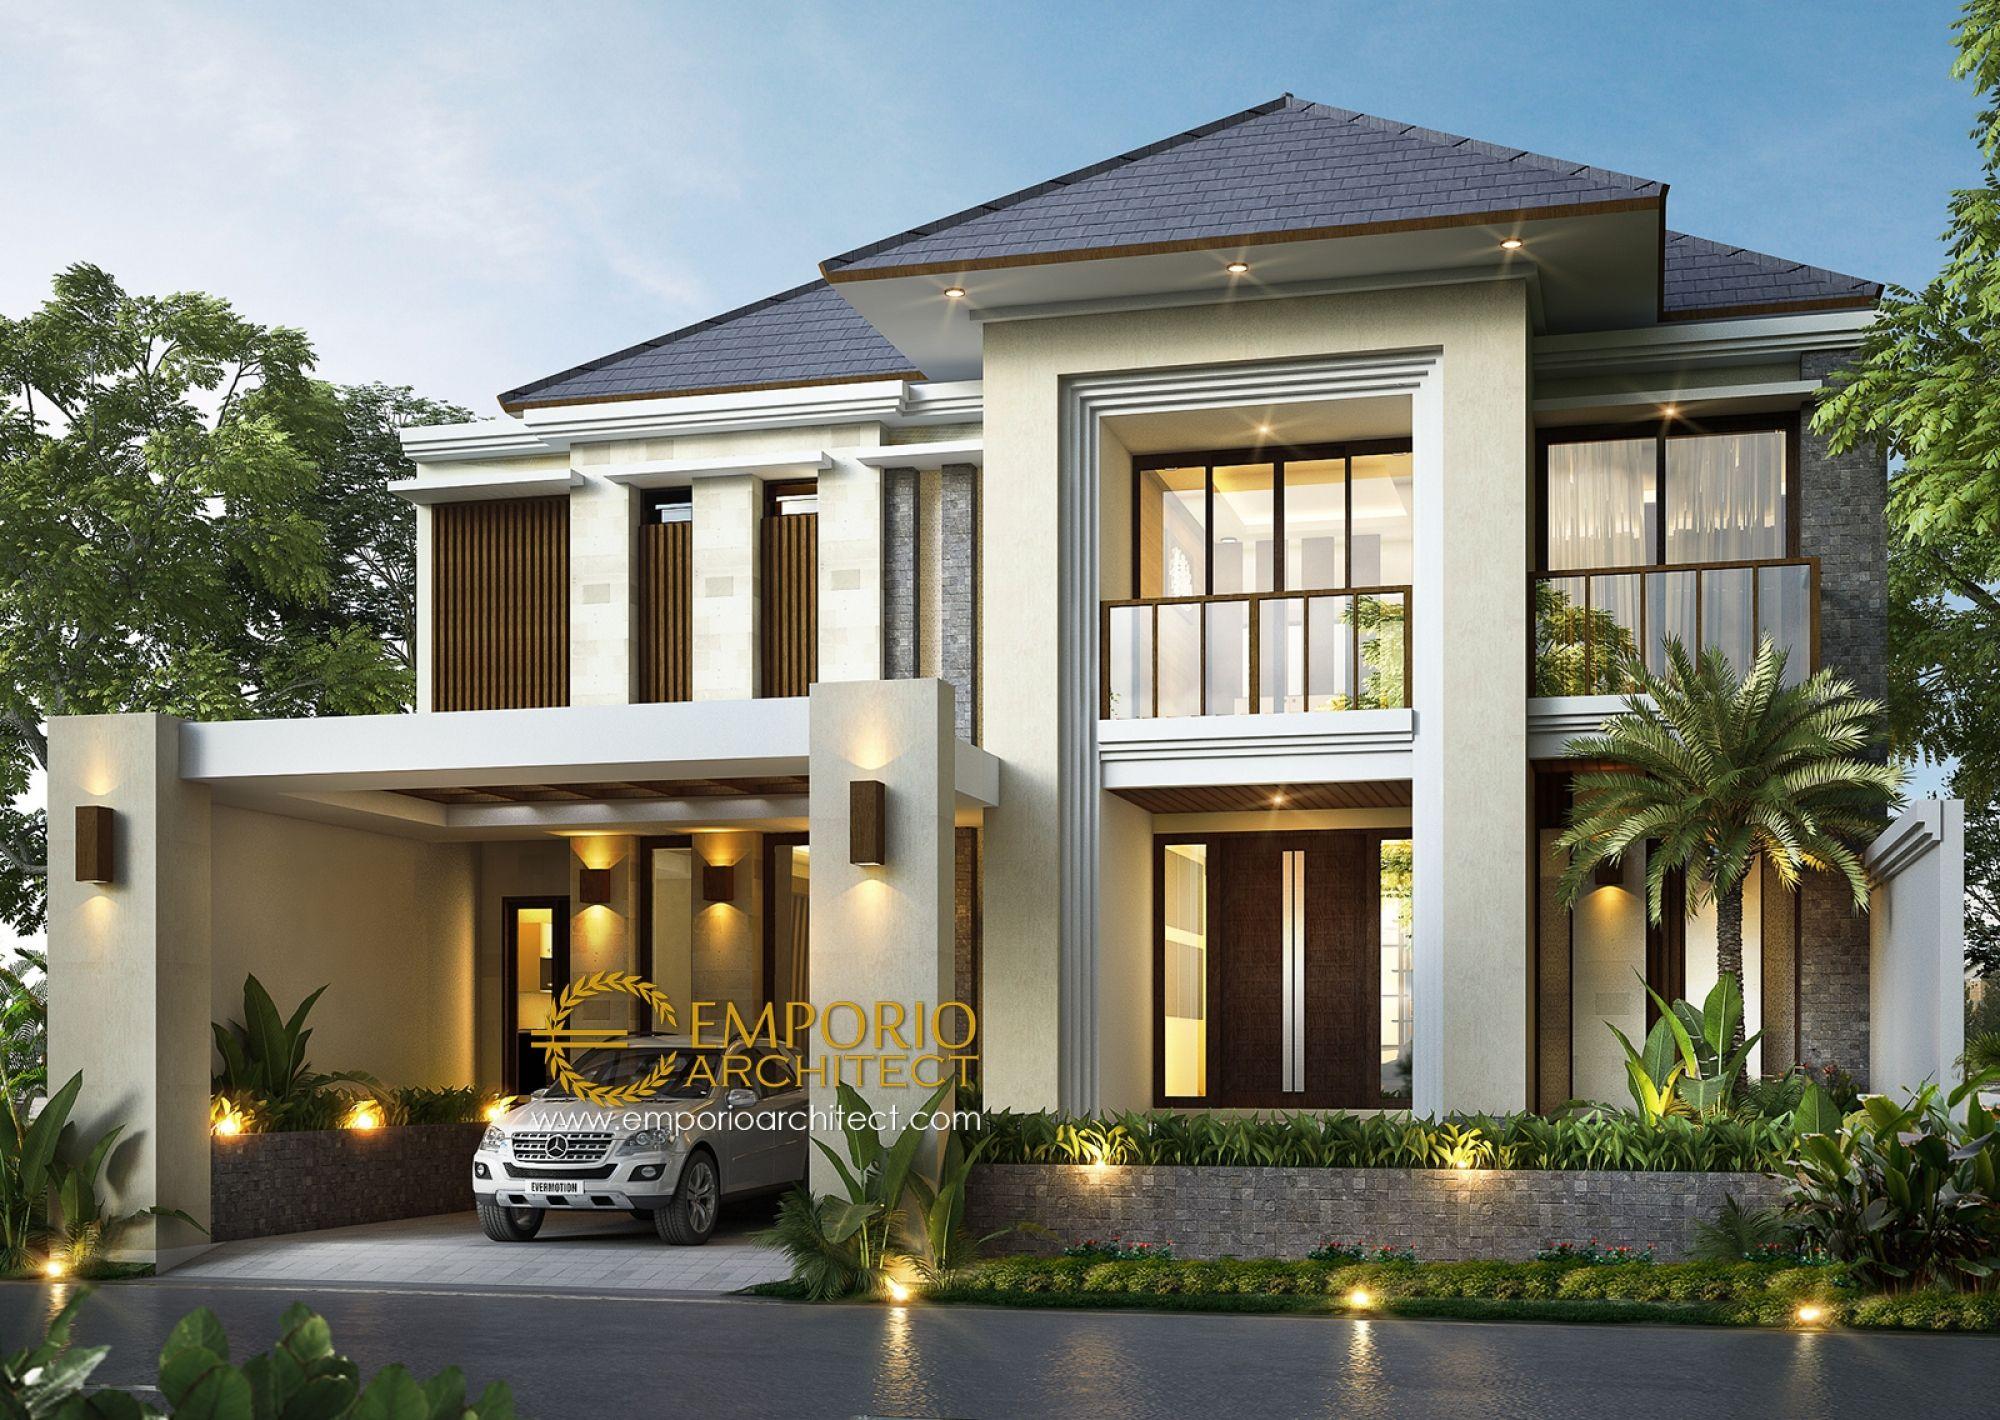 Jasa Arsitek Jakarta Desain Rumah Bapak Ismail Jasa Arsitek Desain Rumah Berkualitas Desain Villa Bali Mod Home Fashion Eksterior Rumah Desain Rumah Eksterior